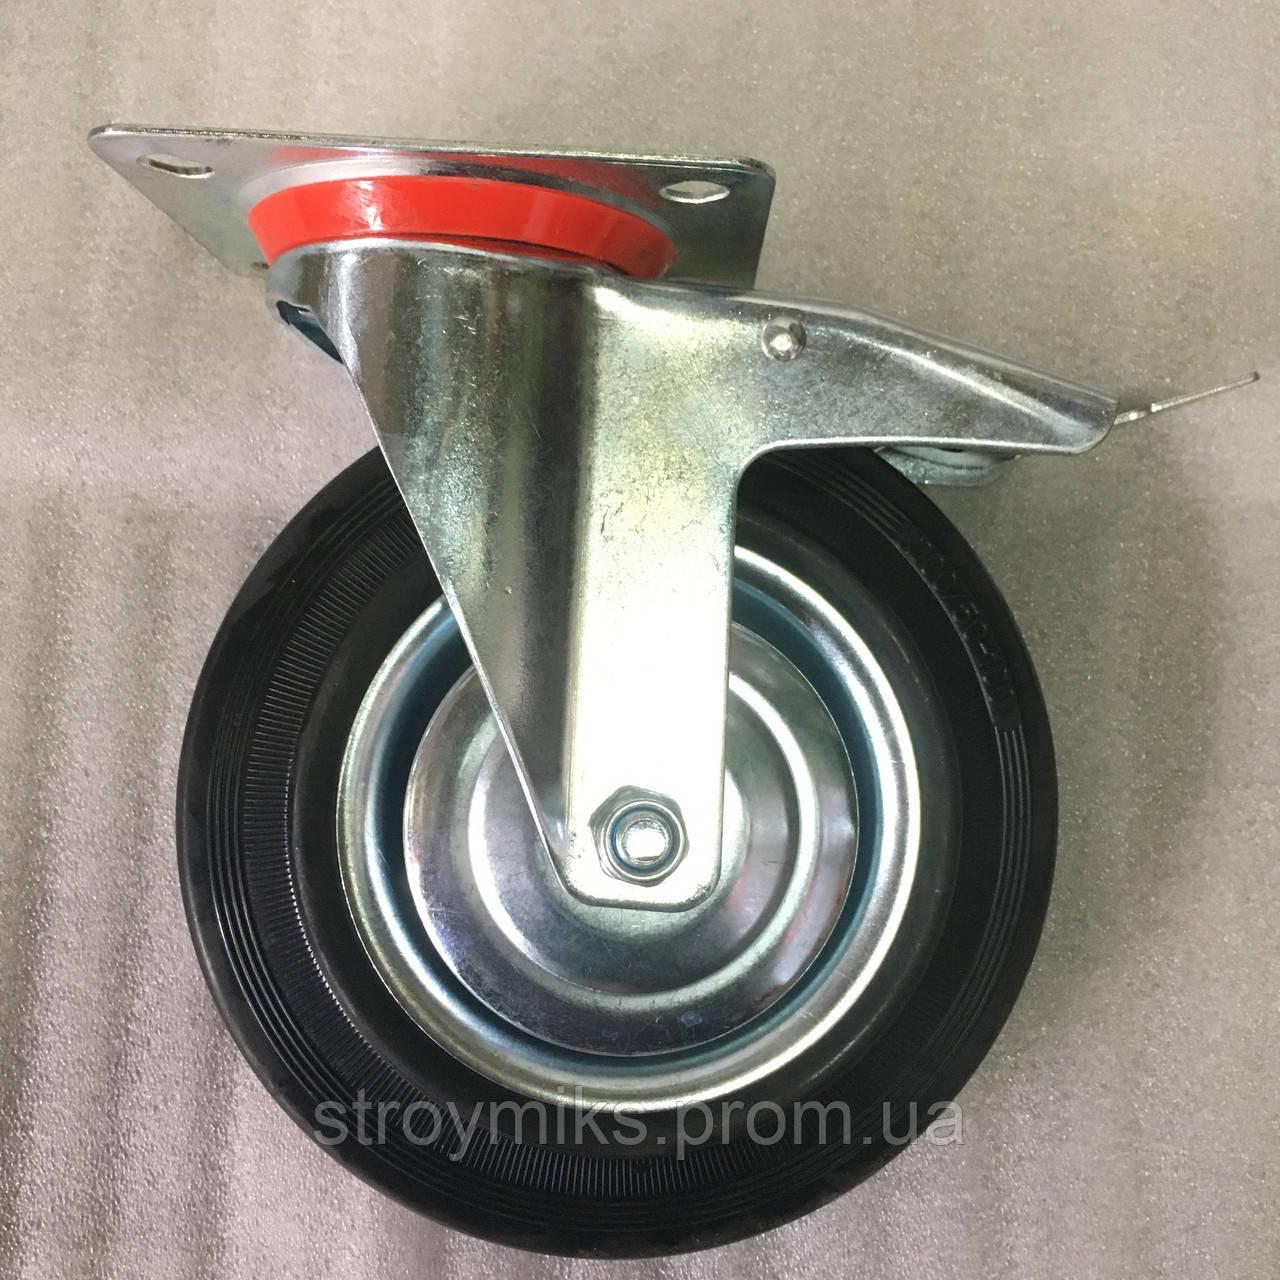 Колесо 200/50-100 мм с поворотным кронштейном и тормозом